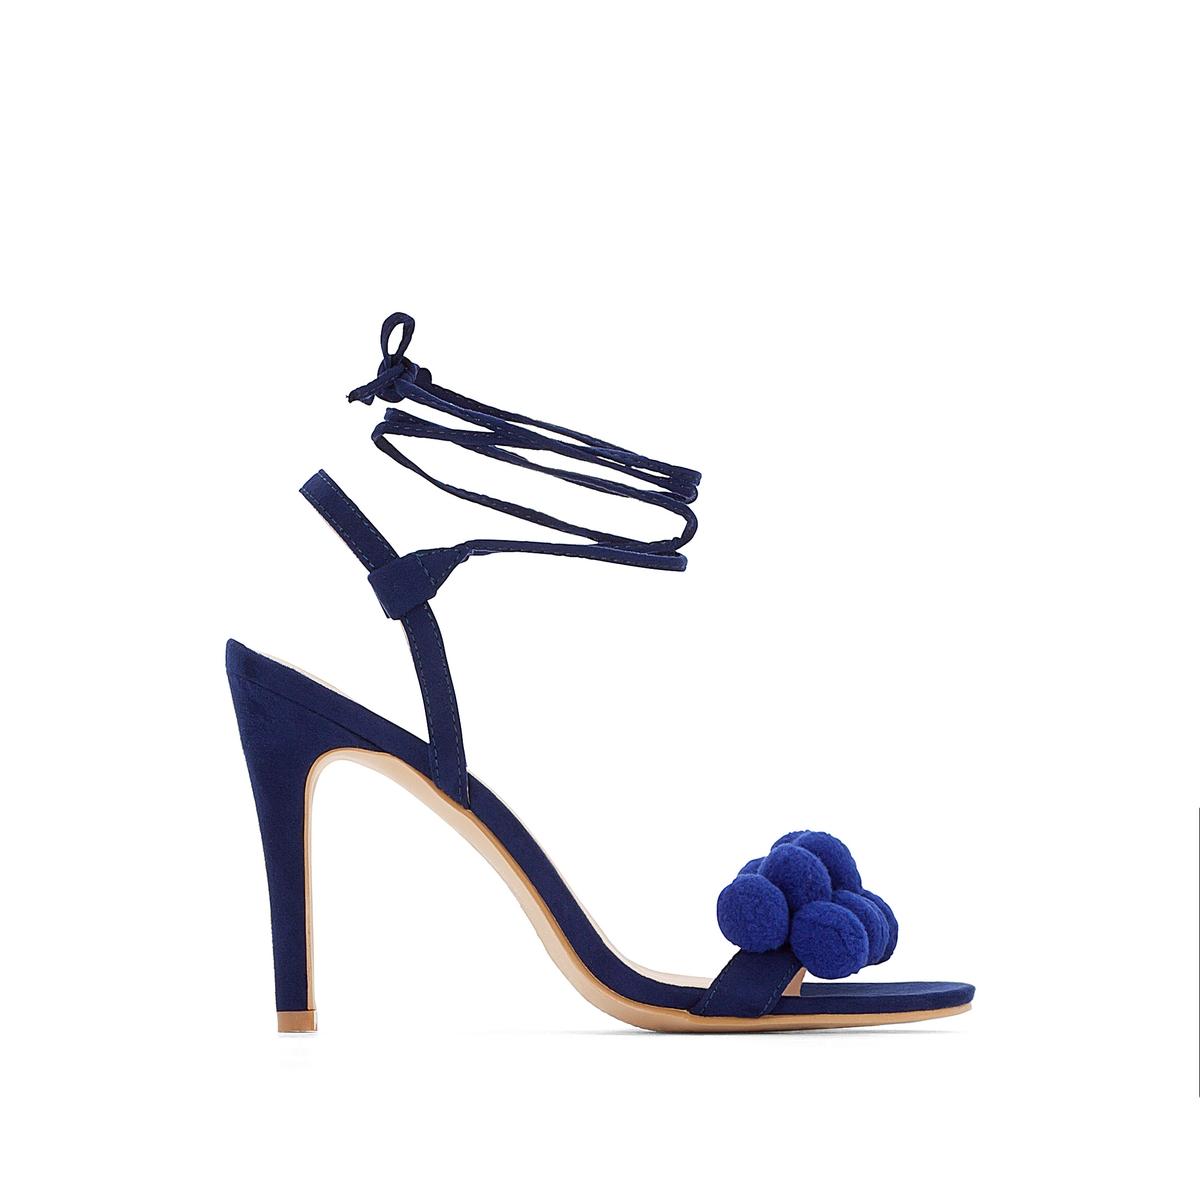 Босоножки на высоком каблуке с кисточкамиВерх/Голенище : синтетика                  Подкладка : синтетика                  Стелька : синтетика                  Подошва : эластомер                  Высота каблука : 9 см                  Форма каблука : шпилька                  Мысок : открытый мысок                  Застежка : завязки<br><br>Цвет: синий морской<br>Размер: 40